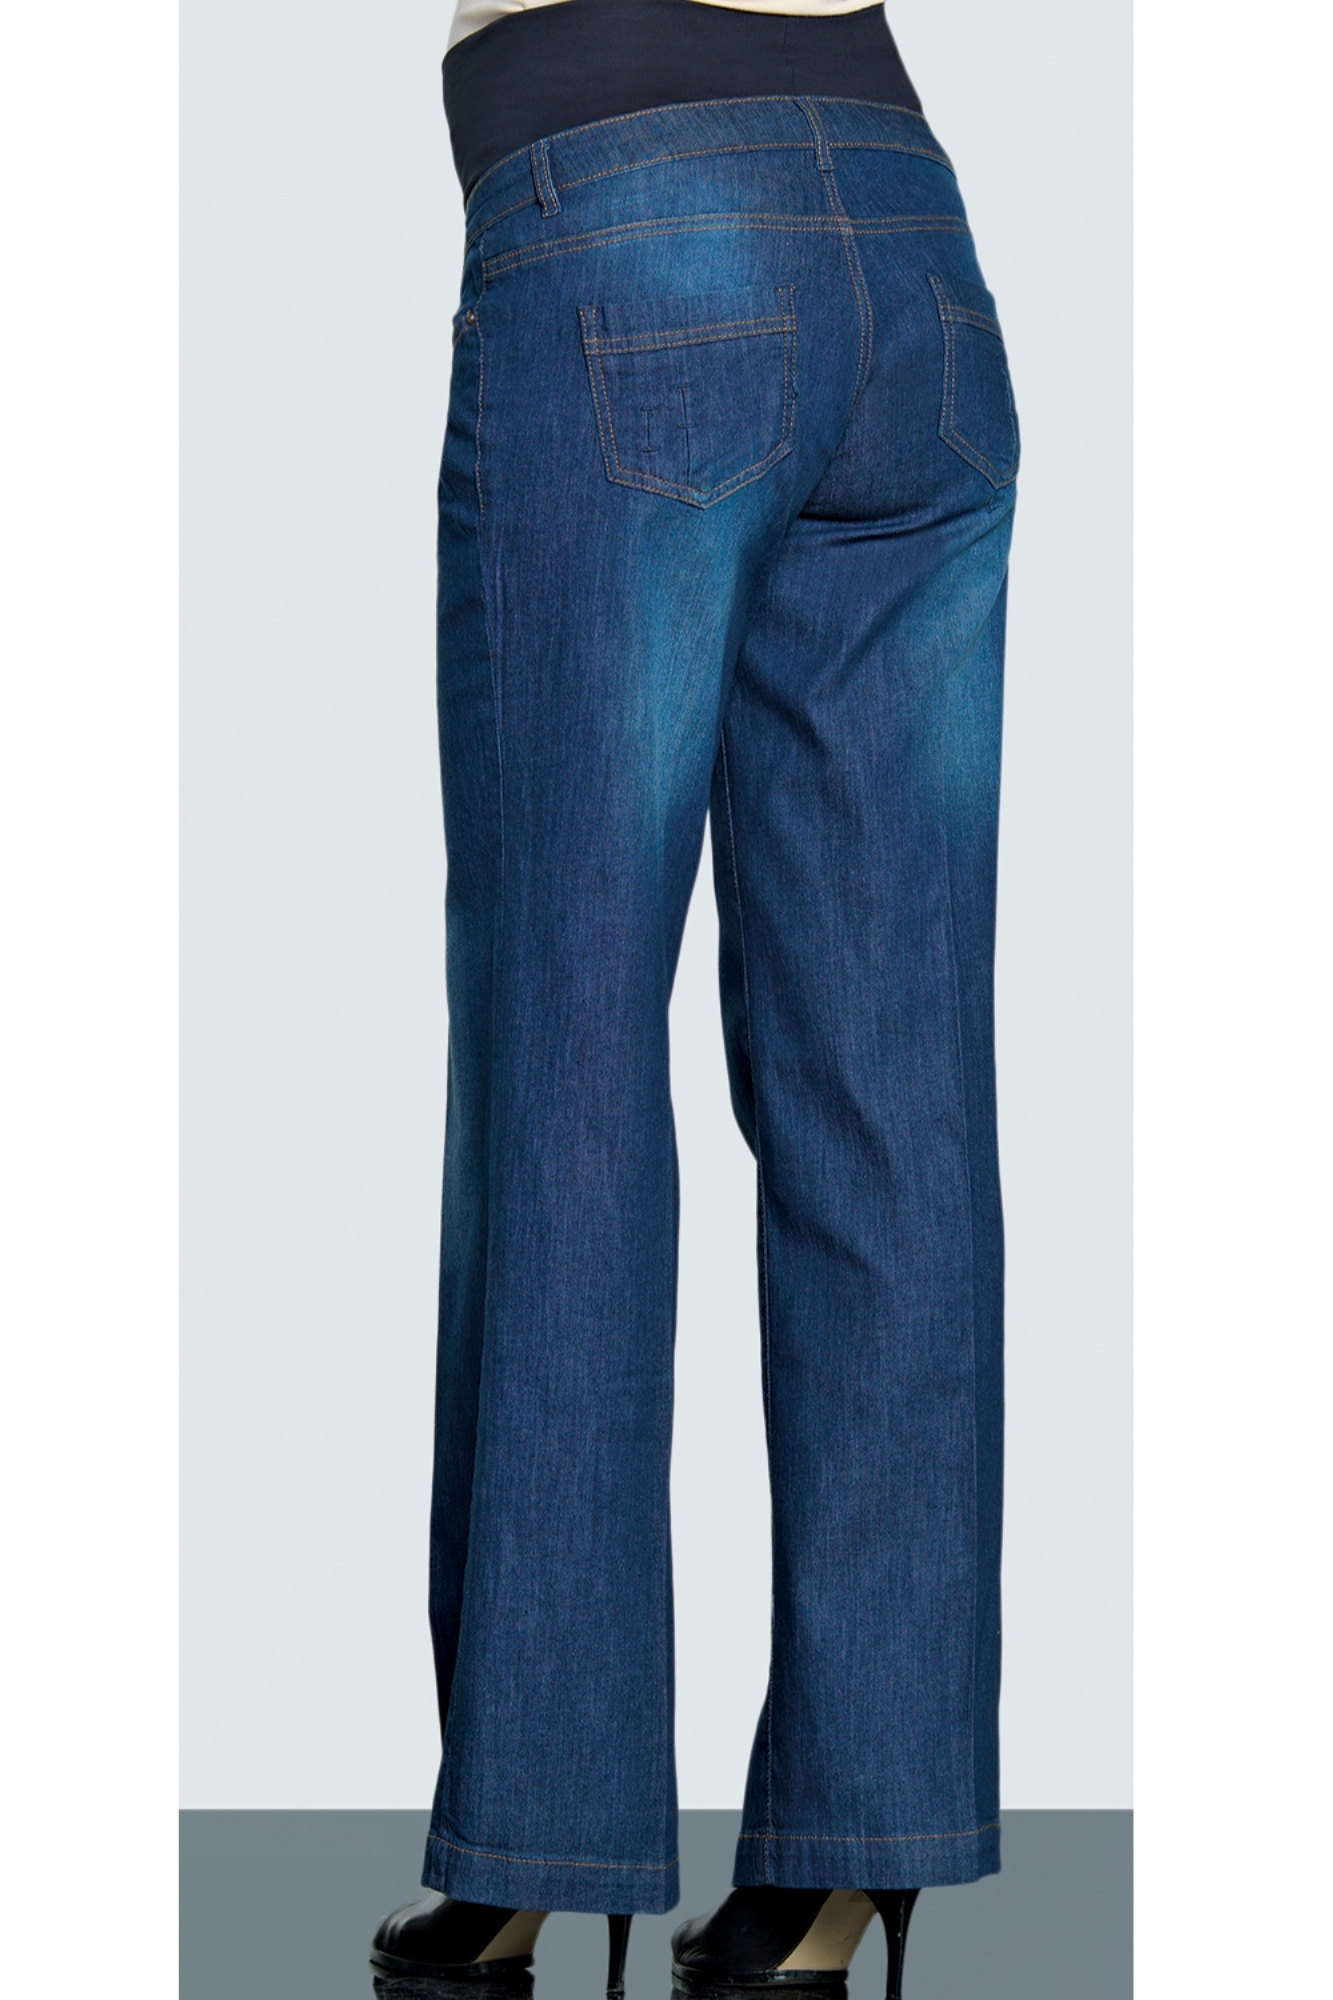 Фото джинсы для беременных EBRU, широкие, вставка, высокая посадка от магазина СкороМама, синий, размеры.